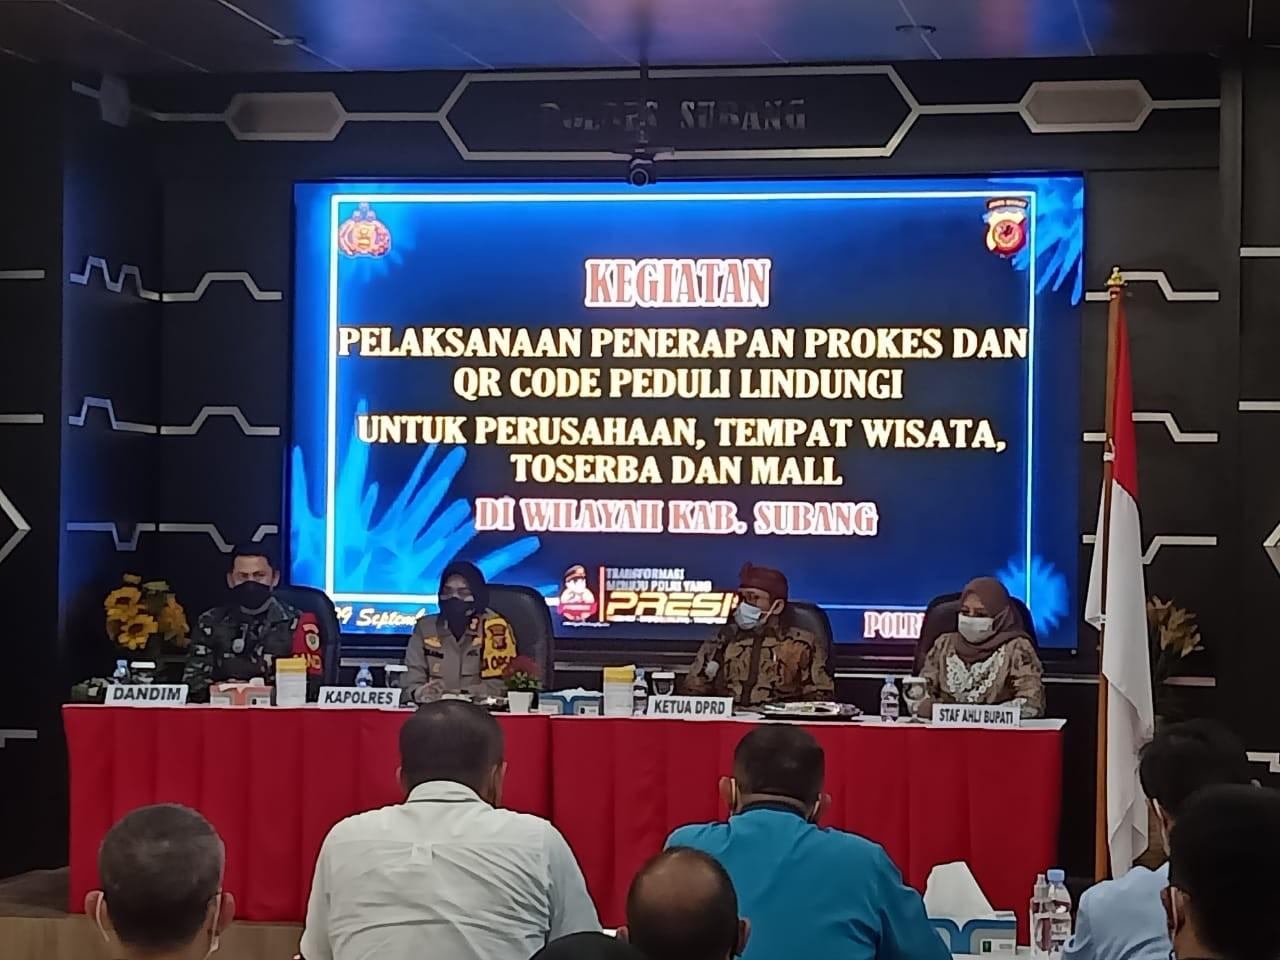 KETUA DPRD SUBANG HADIRI UNDANGAN POLRES  SUBANG TERKAIT PENERAPAN PROKES DAN QR CODE PEDULILINDUNGI